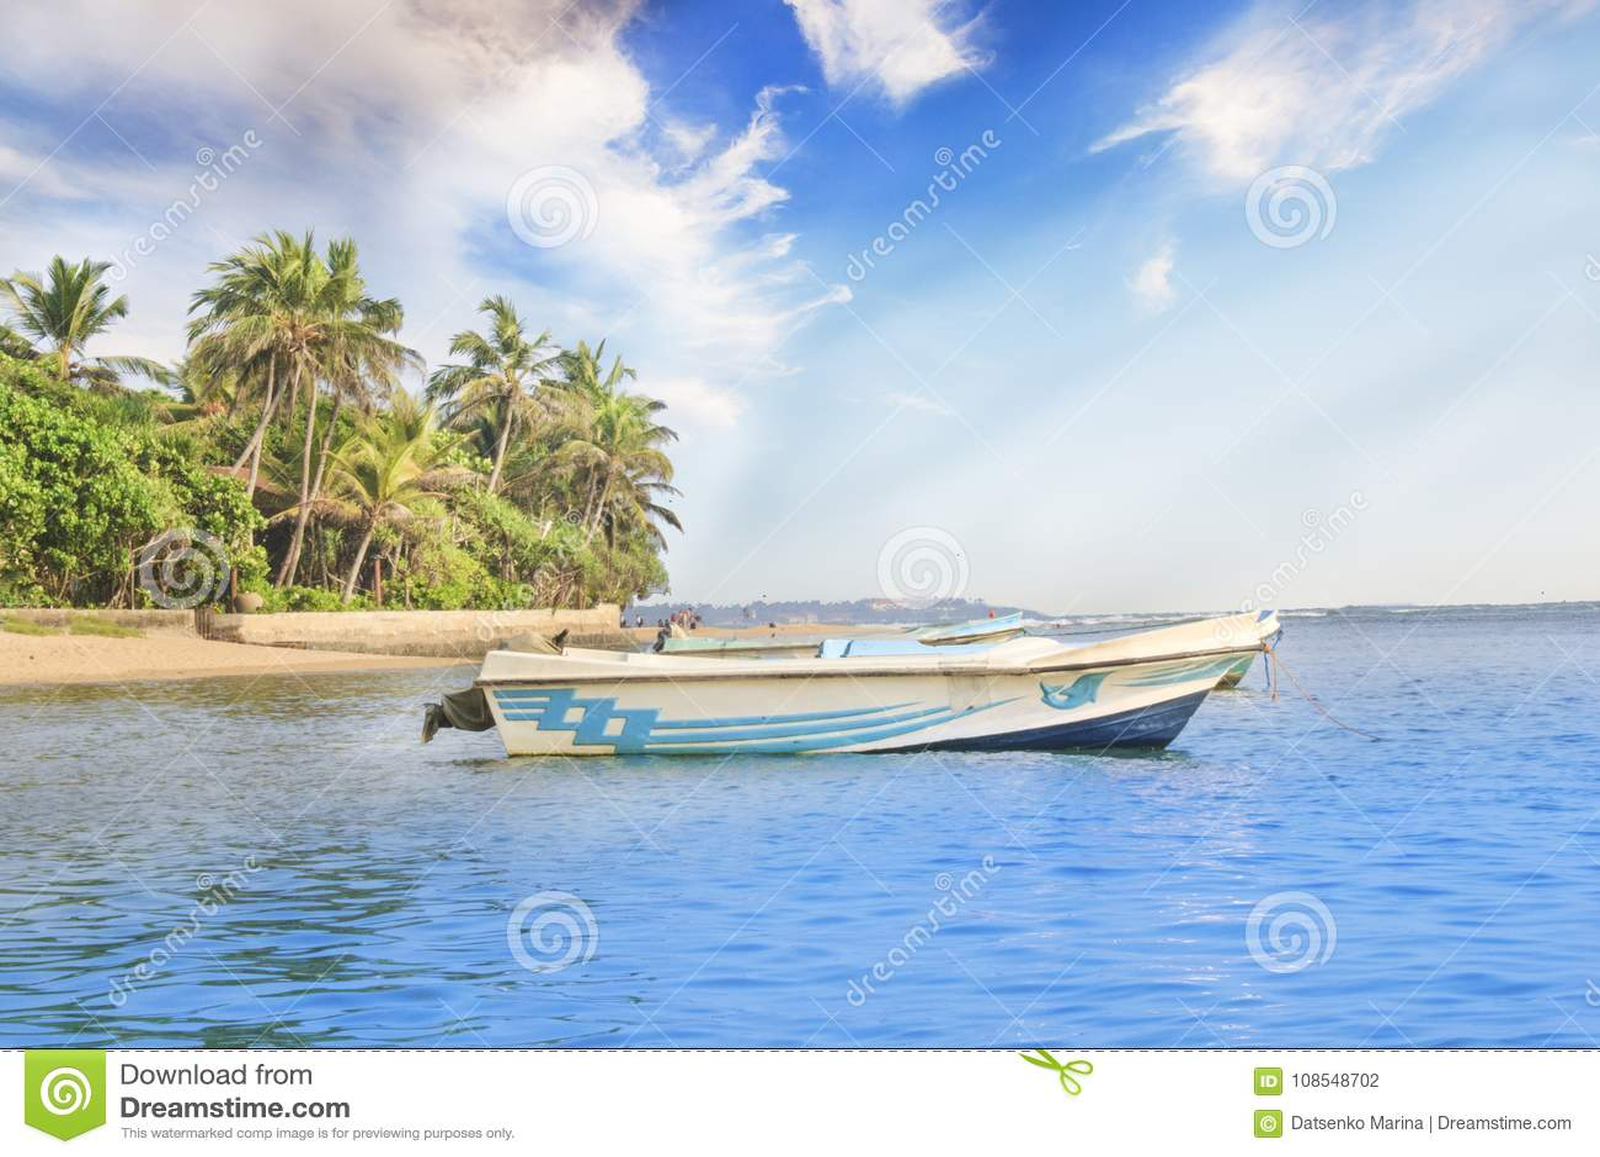 Helle Boote auf dem tropischen Strand von Bentota, Sri Lanka an einem sonnigen Tag